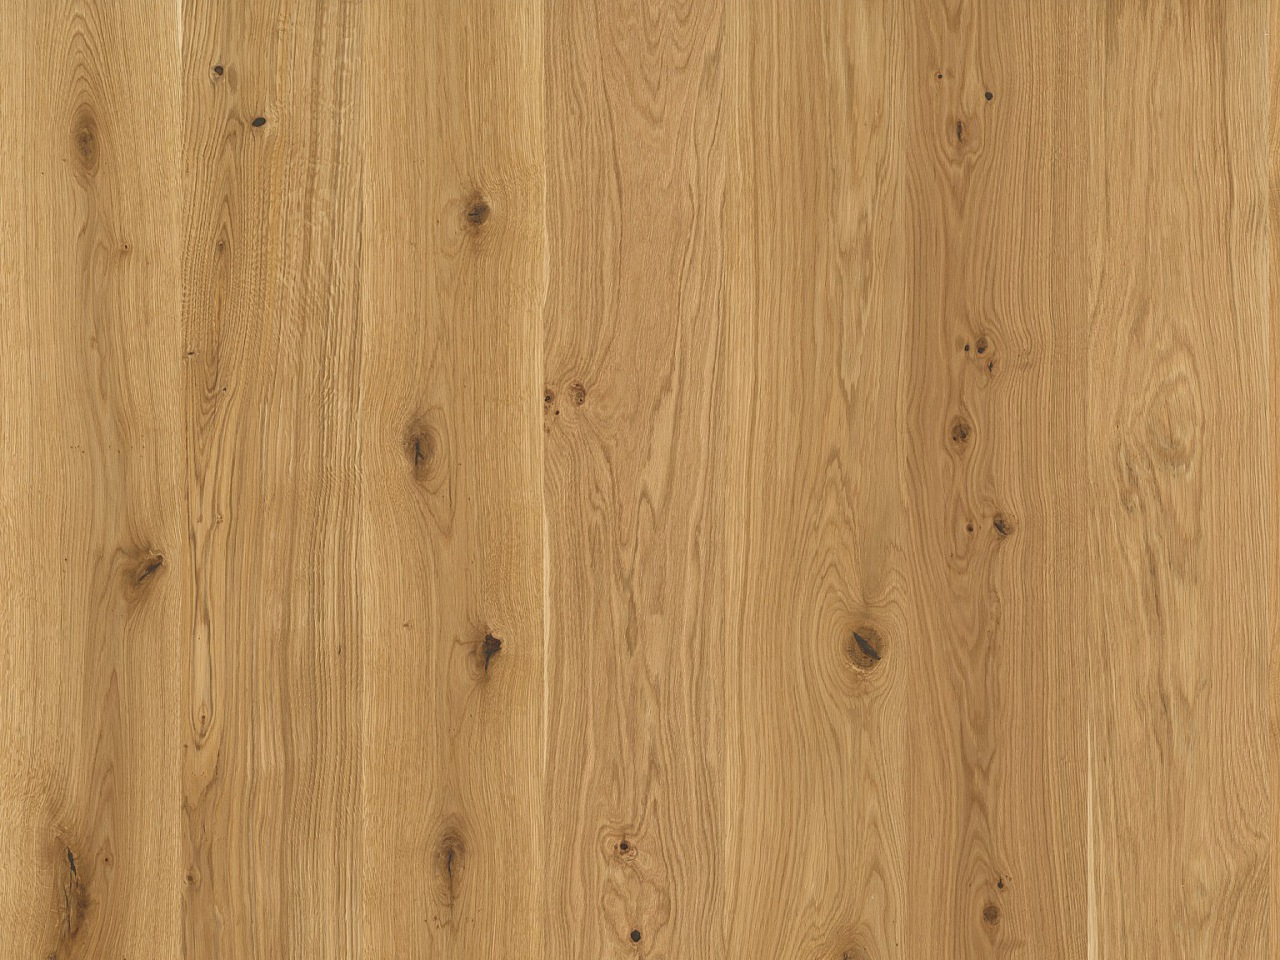 Parkett Maryland new – Caprino Oak, 518264